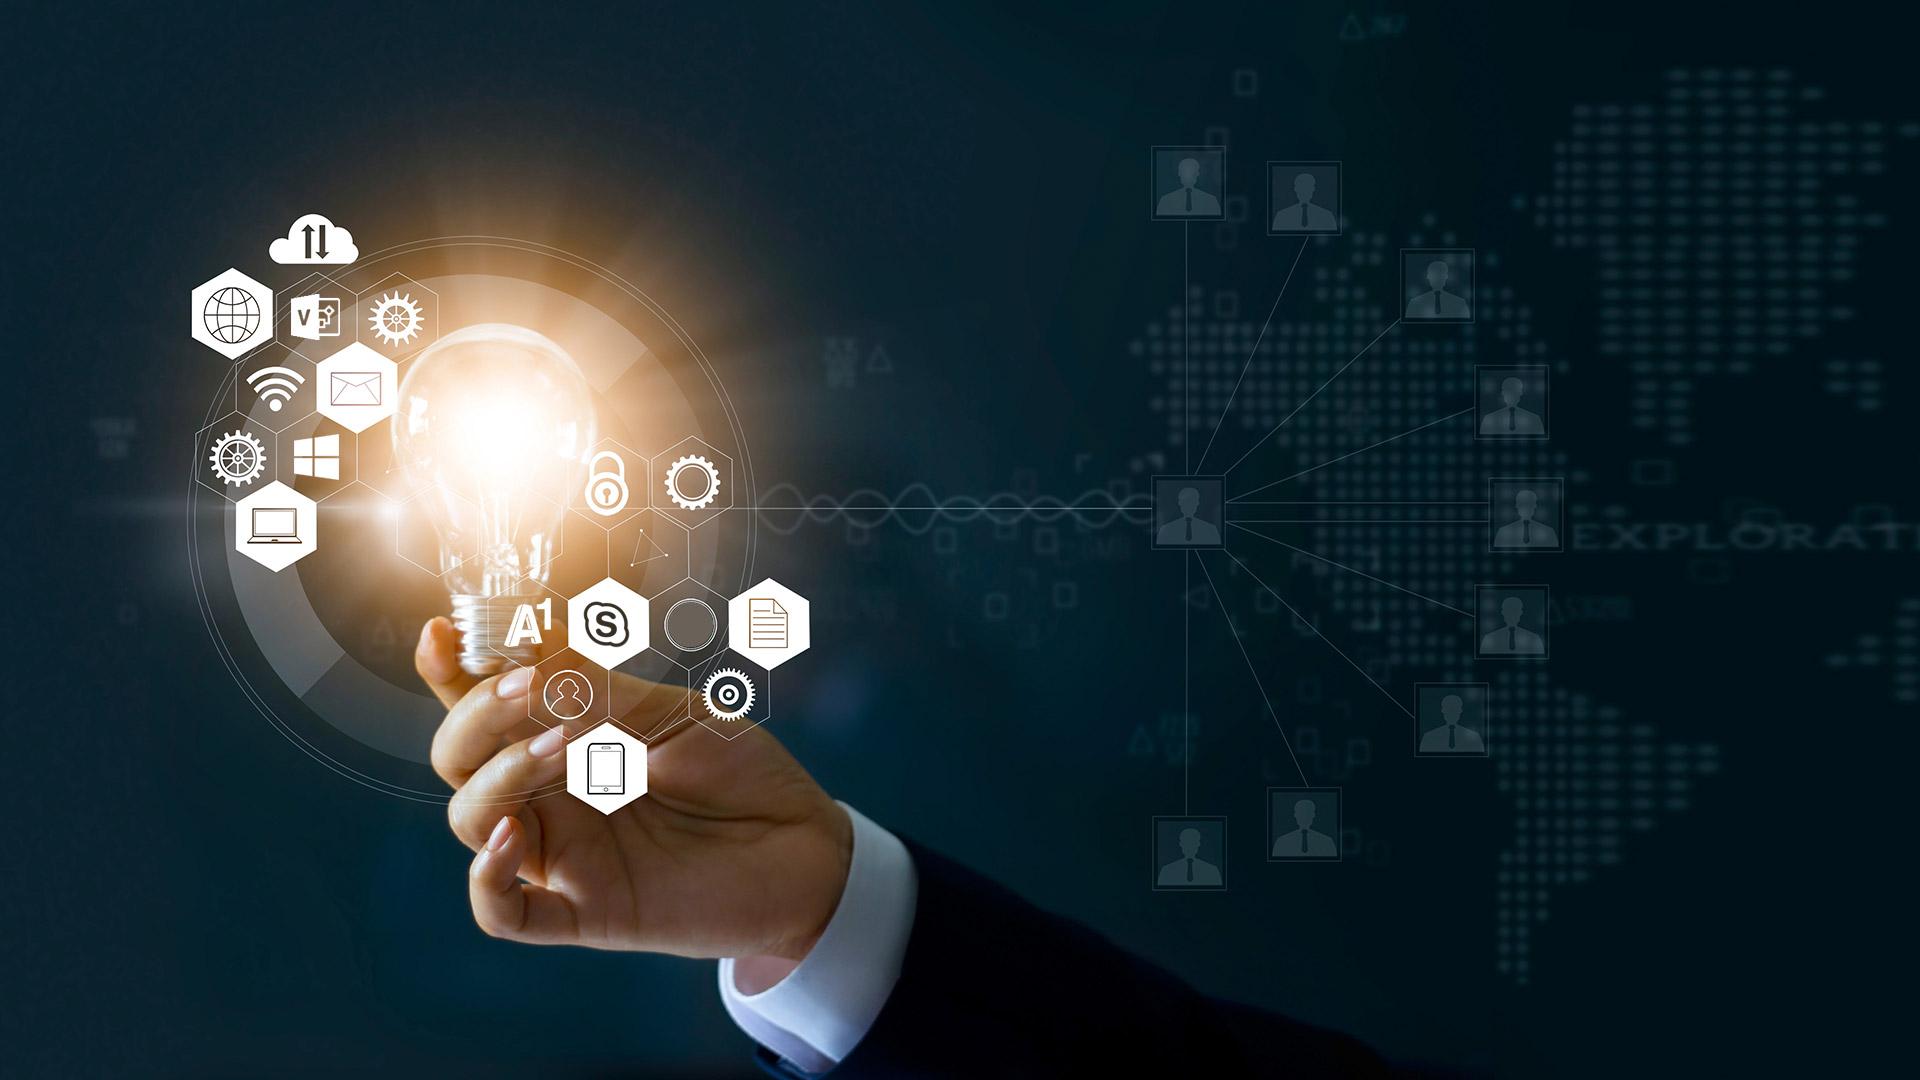 A1 Marketplace - Online Plattform für digitale Softwareprodukte und Lösungen speziell für Klein- und Mittelunternehmen